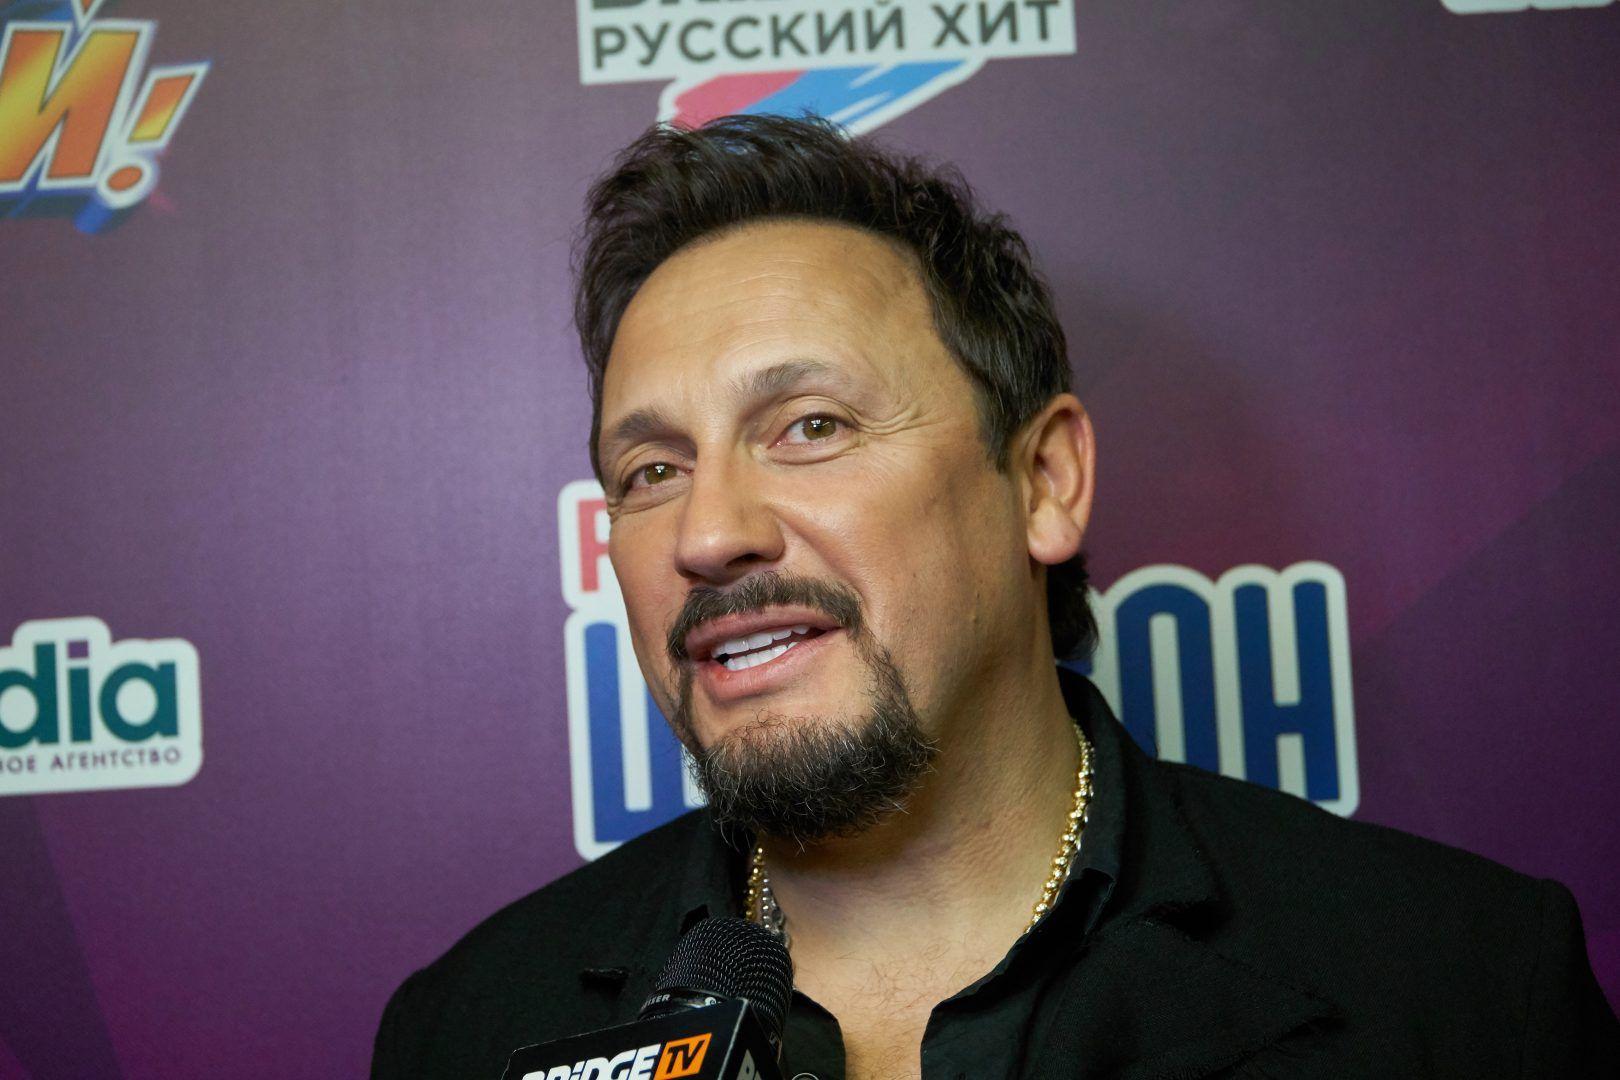 Фото: Дмитрий Коробейников / ТАСС